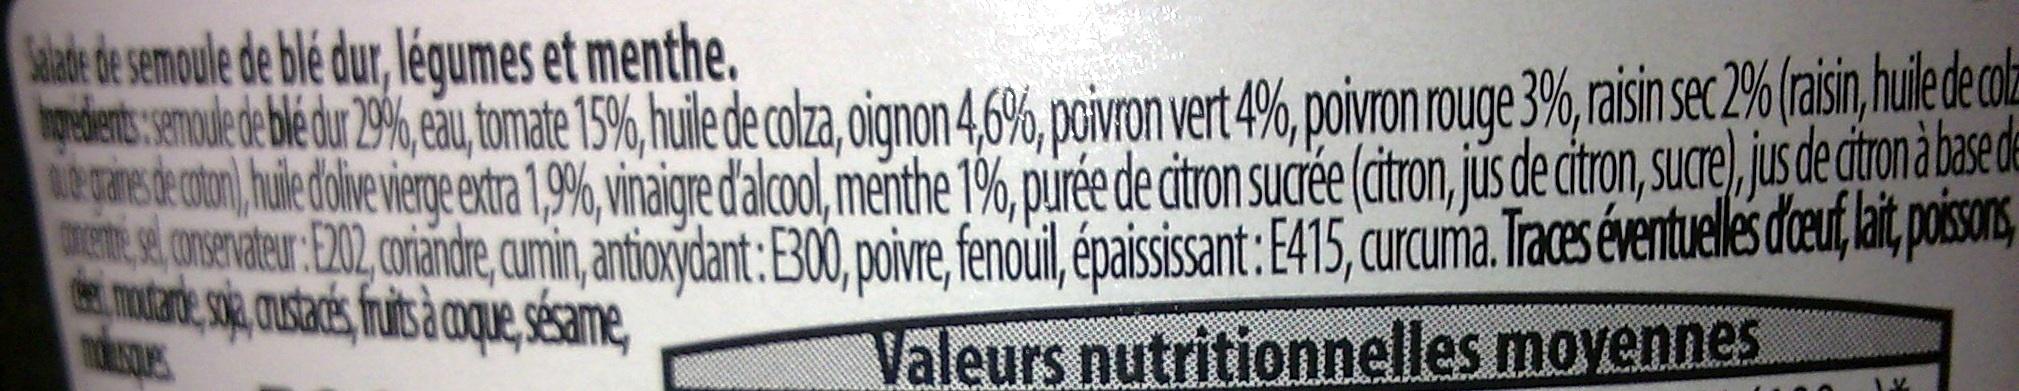 Taboulé à l'orientale - Ingrédients